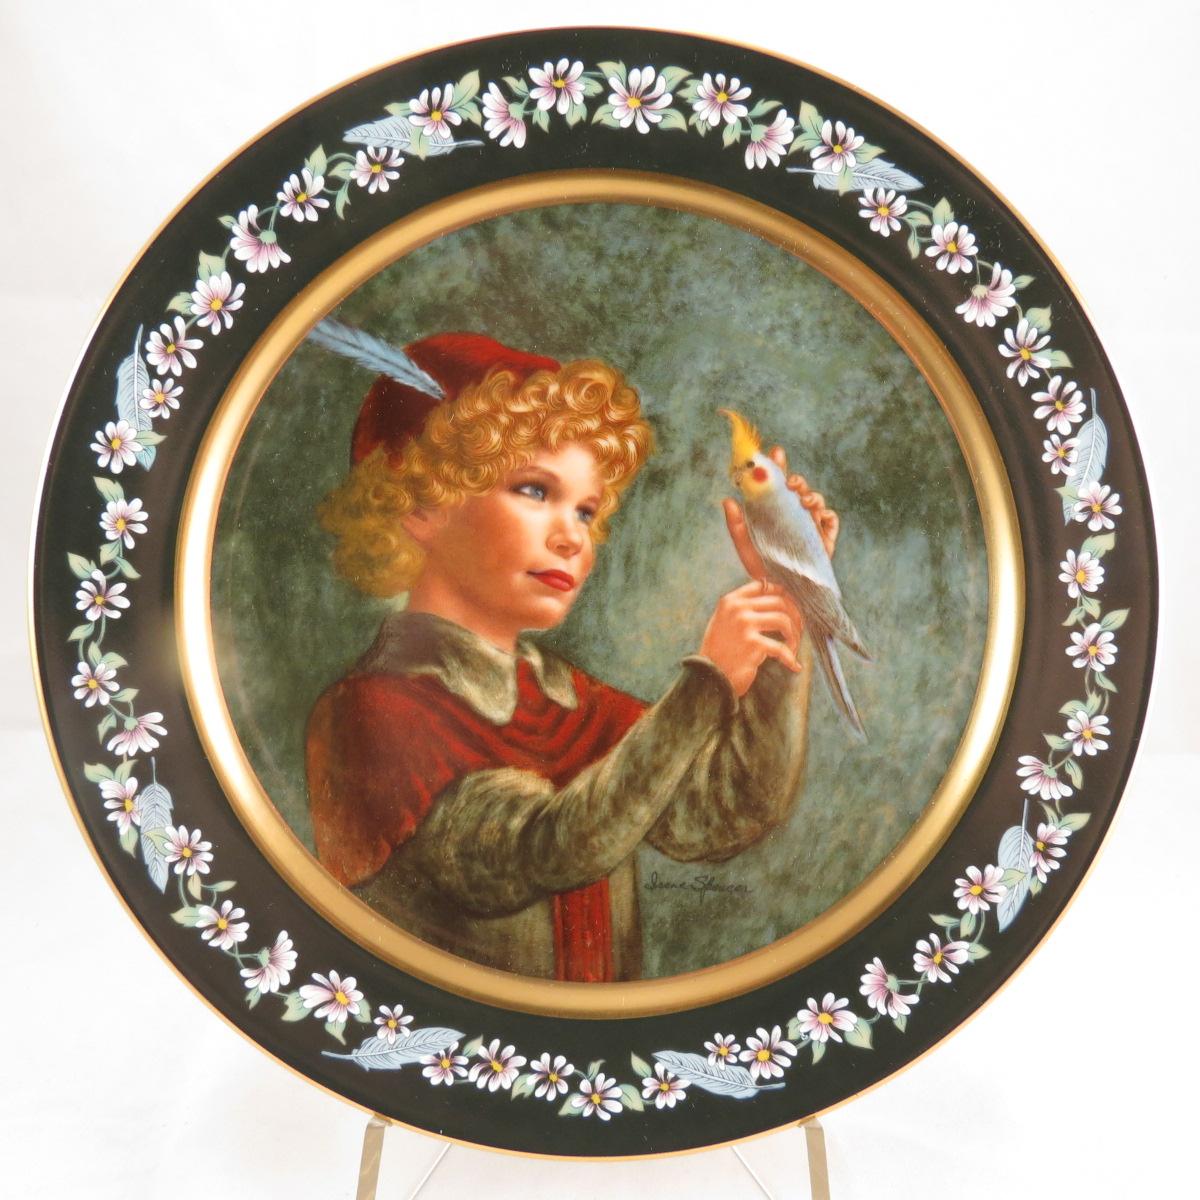 """Декоративная коллекционная тарелка """"Давайте притворимся: Робин Гуд"""". Фарфор, деколь, золочение. США, Pickard China, Ирен Спенсер, 1985"""